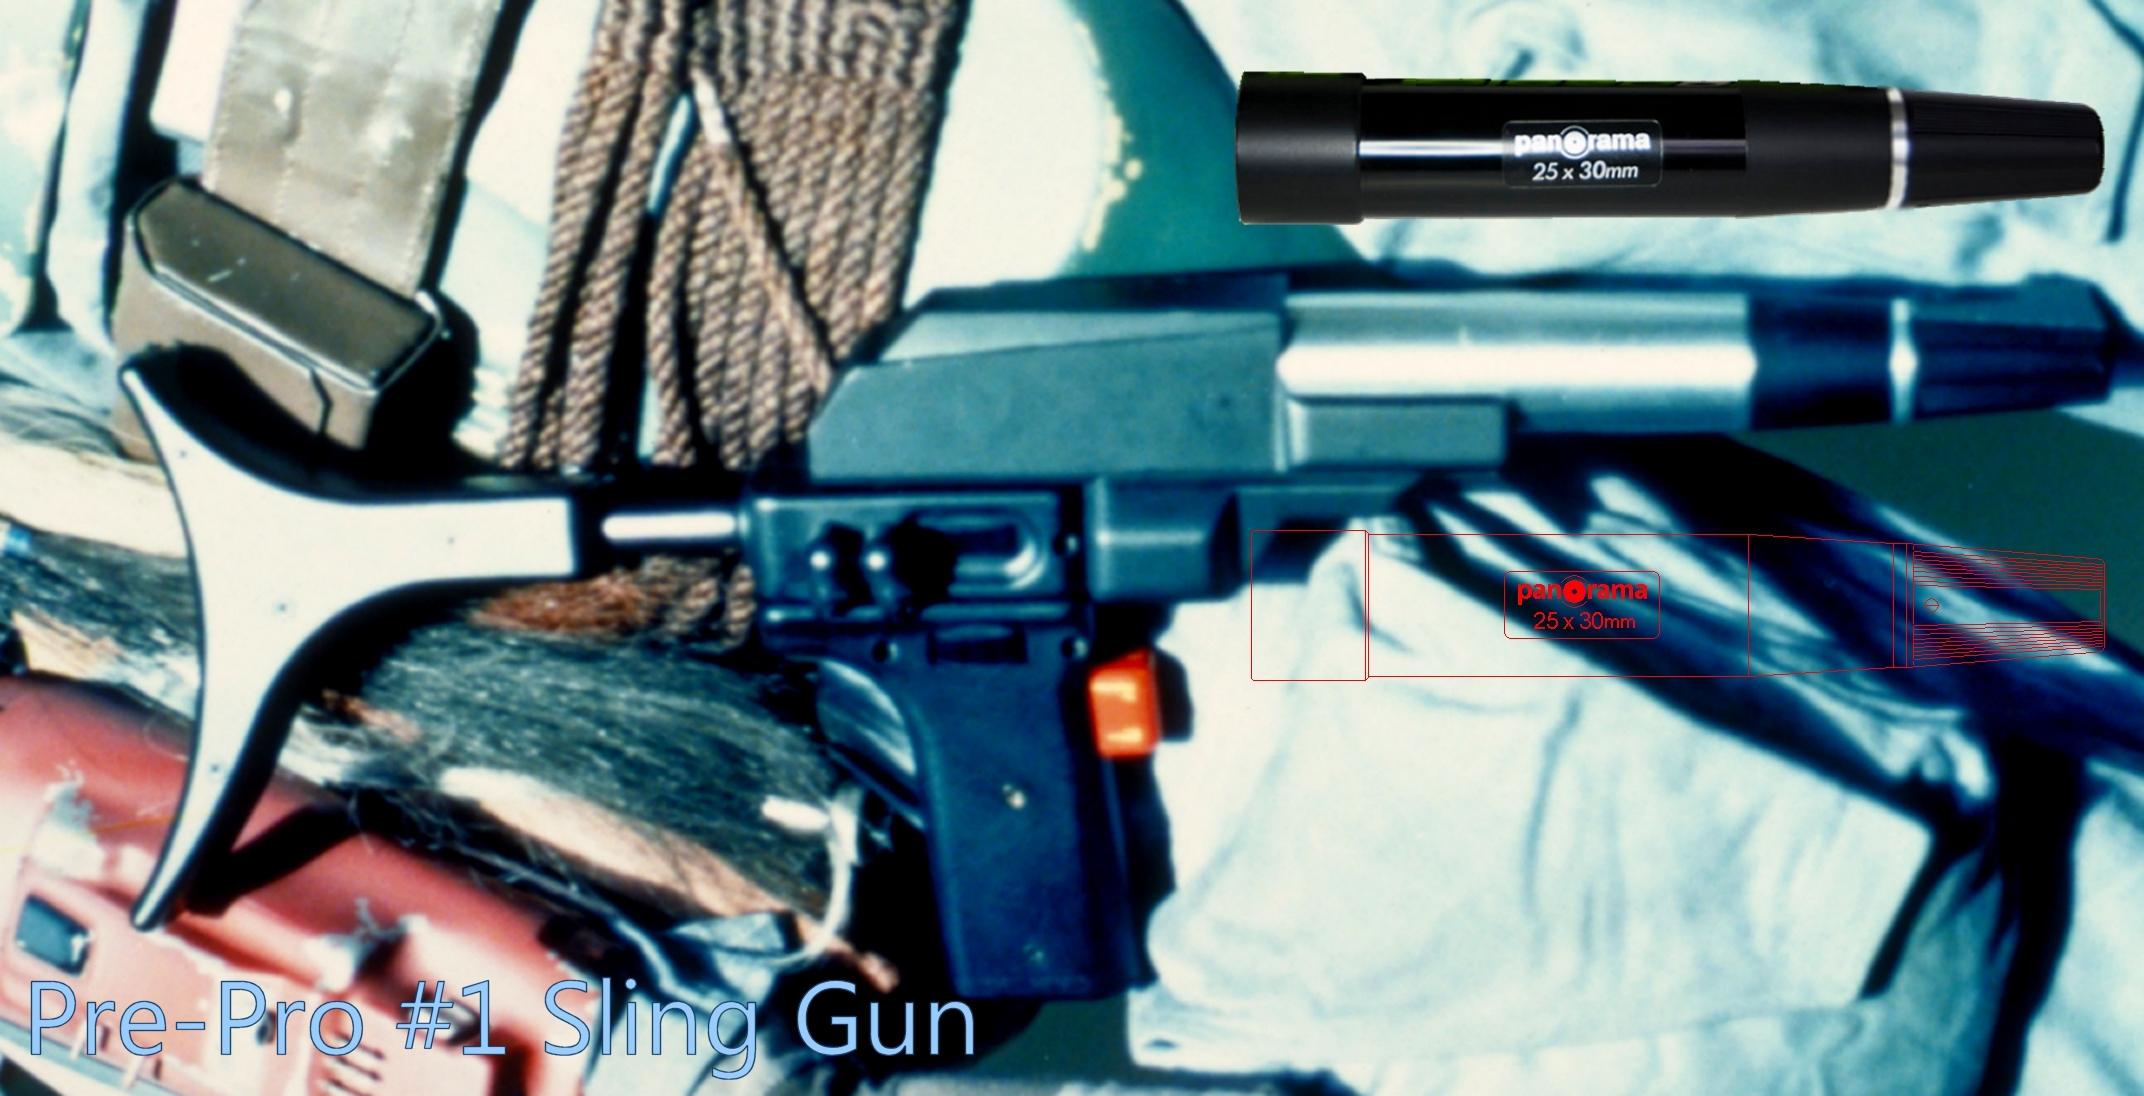 PP1 Sling Gun And Telescope 2.jpg